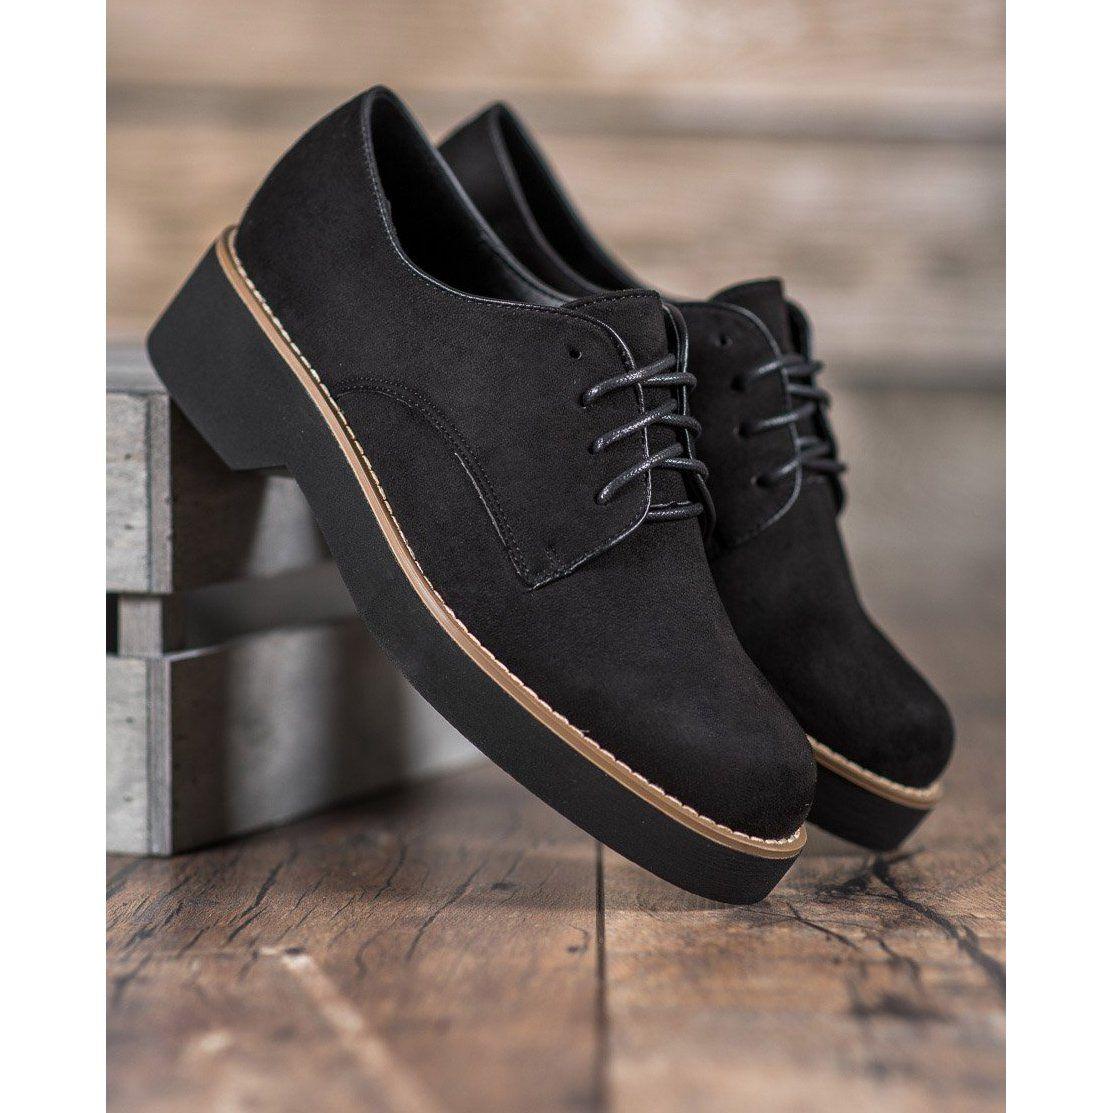 Shelovet Czarne Zamszowe Polbuty Dress Shoes Men Oxford Shoes Womens Oxfords